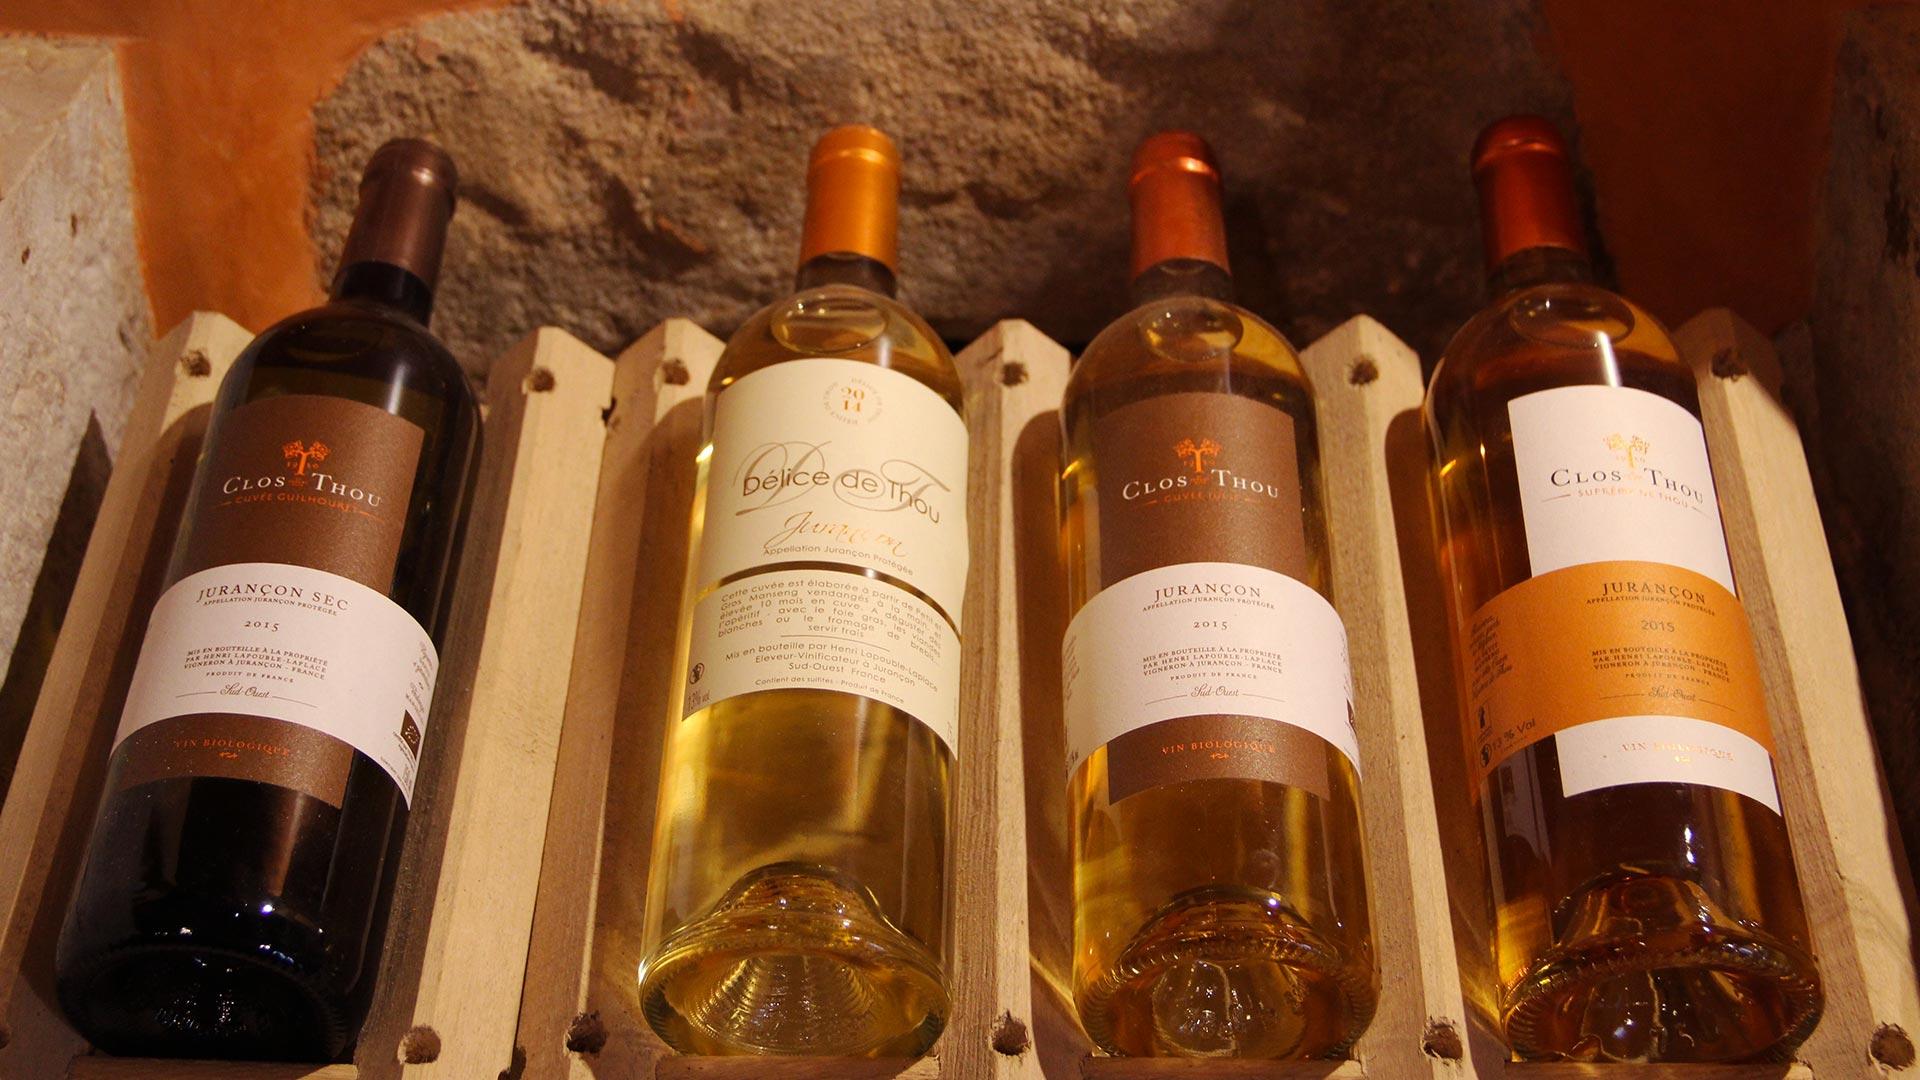 jurancon-clos-thous-bouteilles-cuves